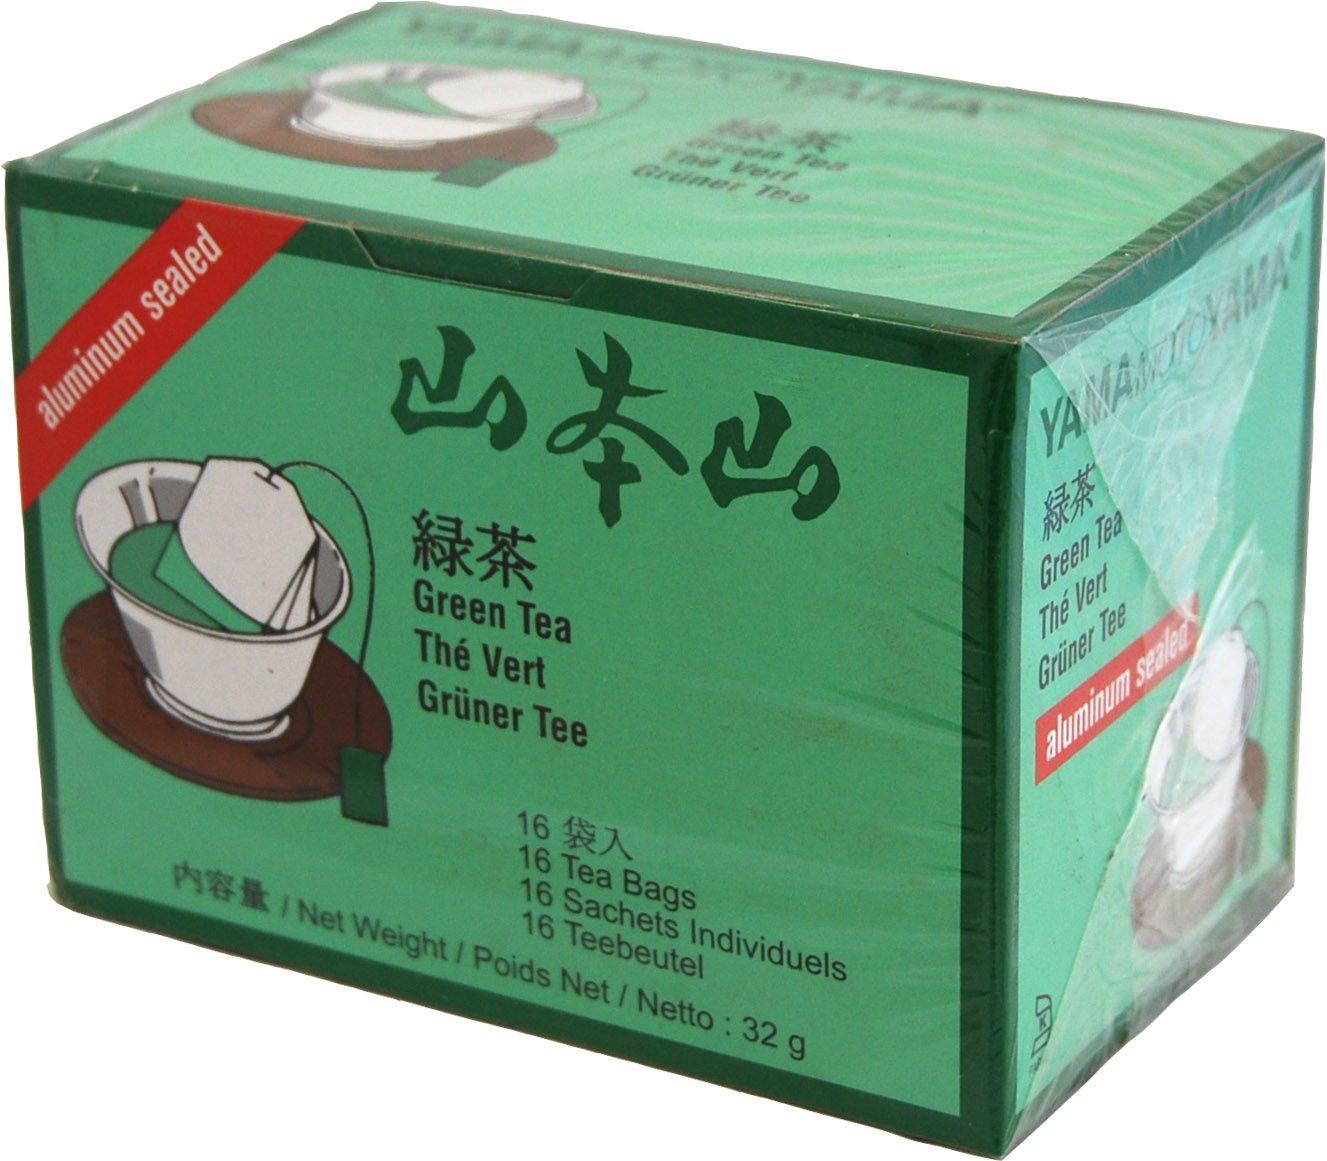 Yamamotoyama Sencha Green Tea (Pack Of 12)